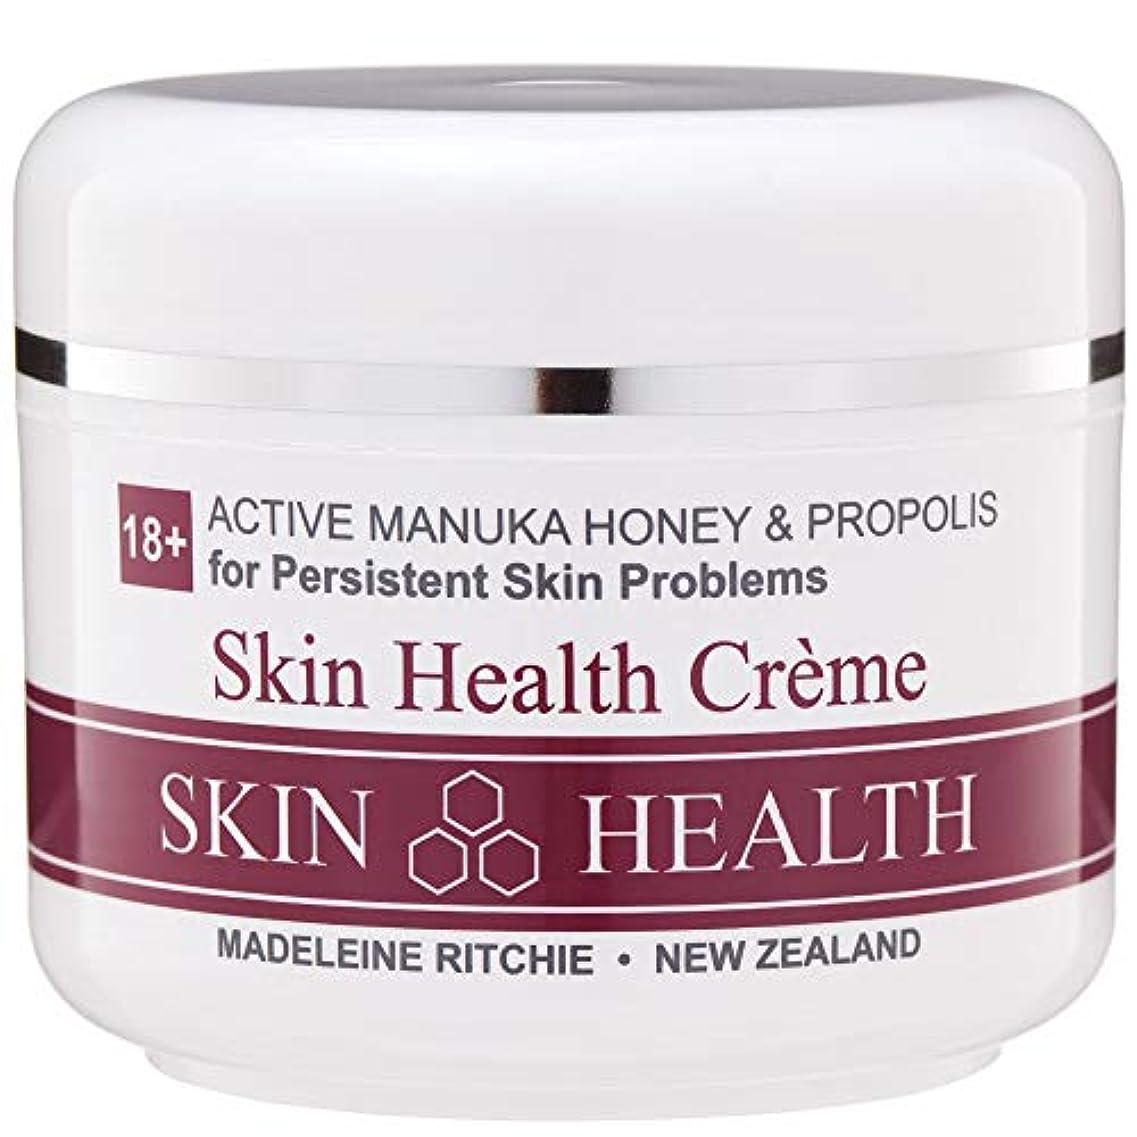 マーカー行政うつMadeleine Ritchie New Zealand 18+ Active Manuka Honey Skin Health Cream Jar 100ml